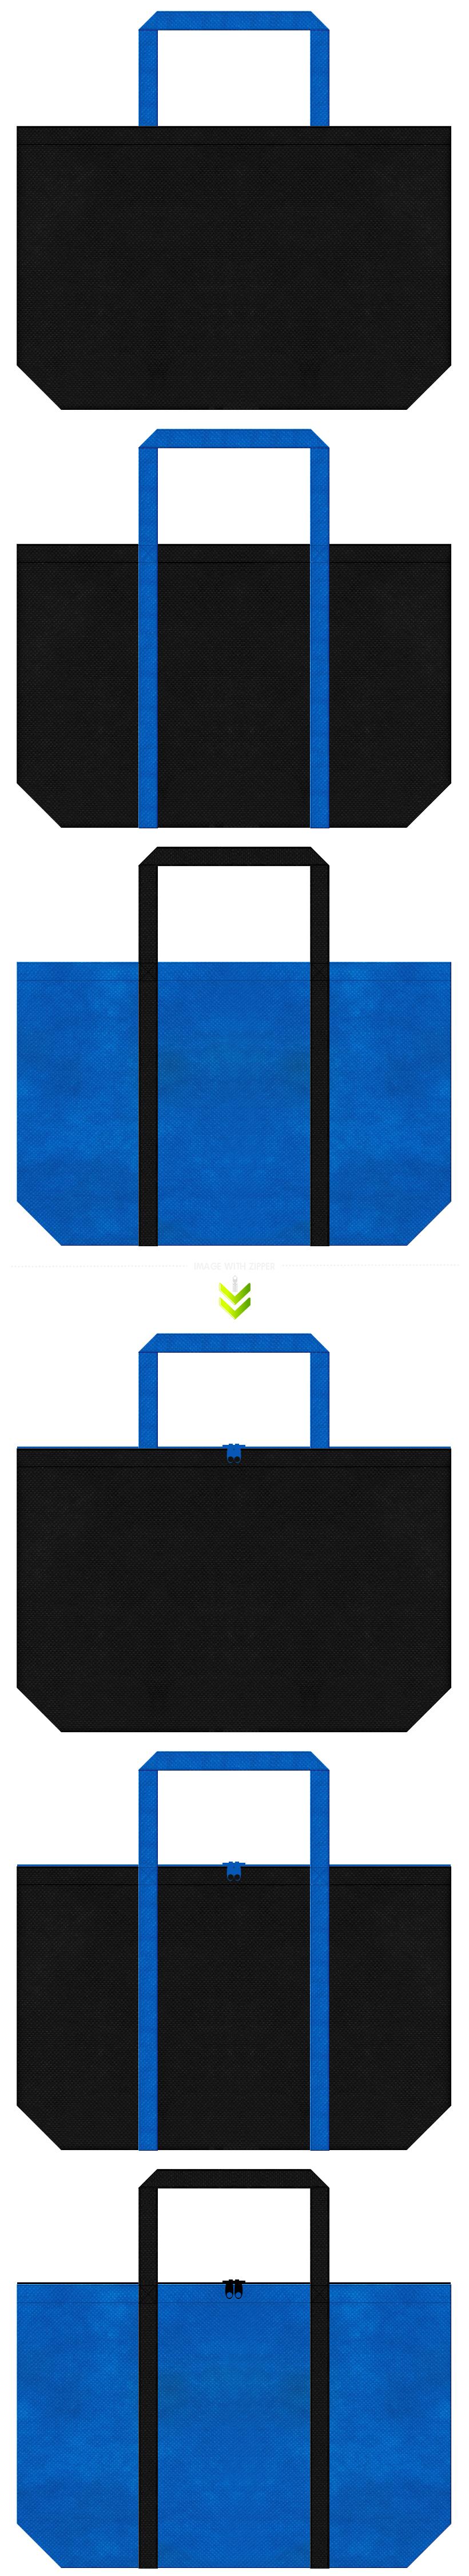 不織布トートバッグ 舟底タイプ 不織布カラーNo.9ブラックとNo.22スカイブルーの組み合わせ